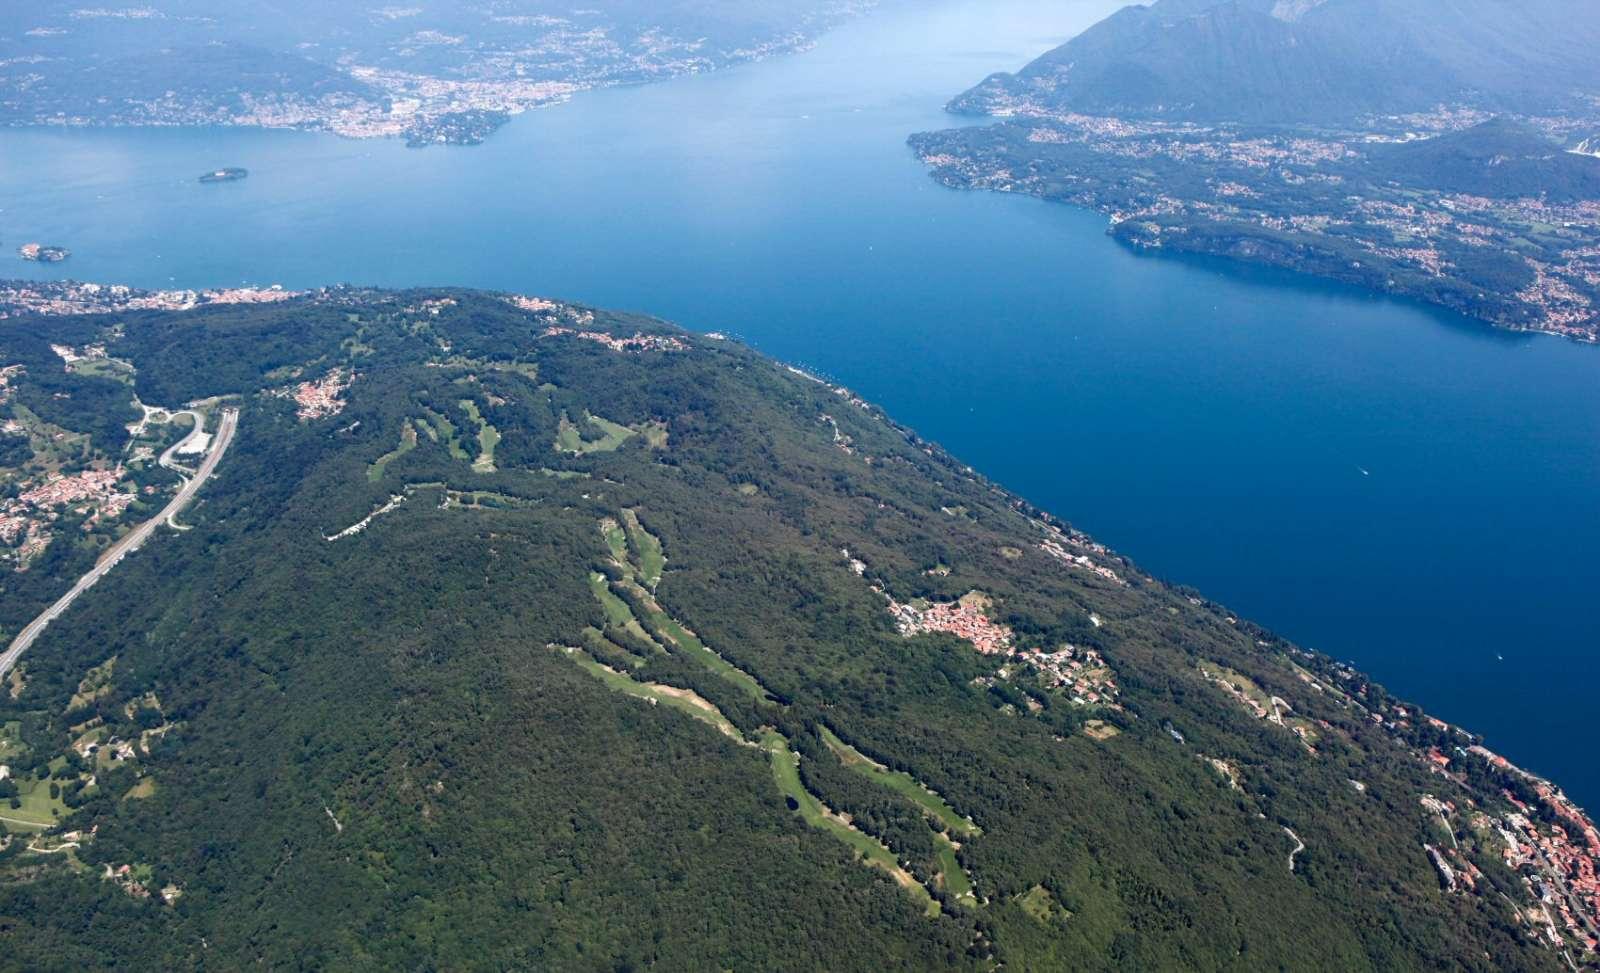 Golf Club Des iles Borromées' enestående beliggenhed ved Maggioresøen